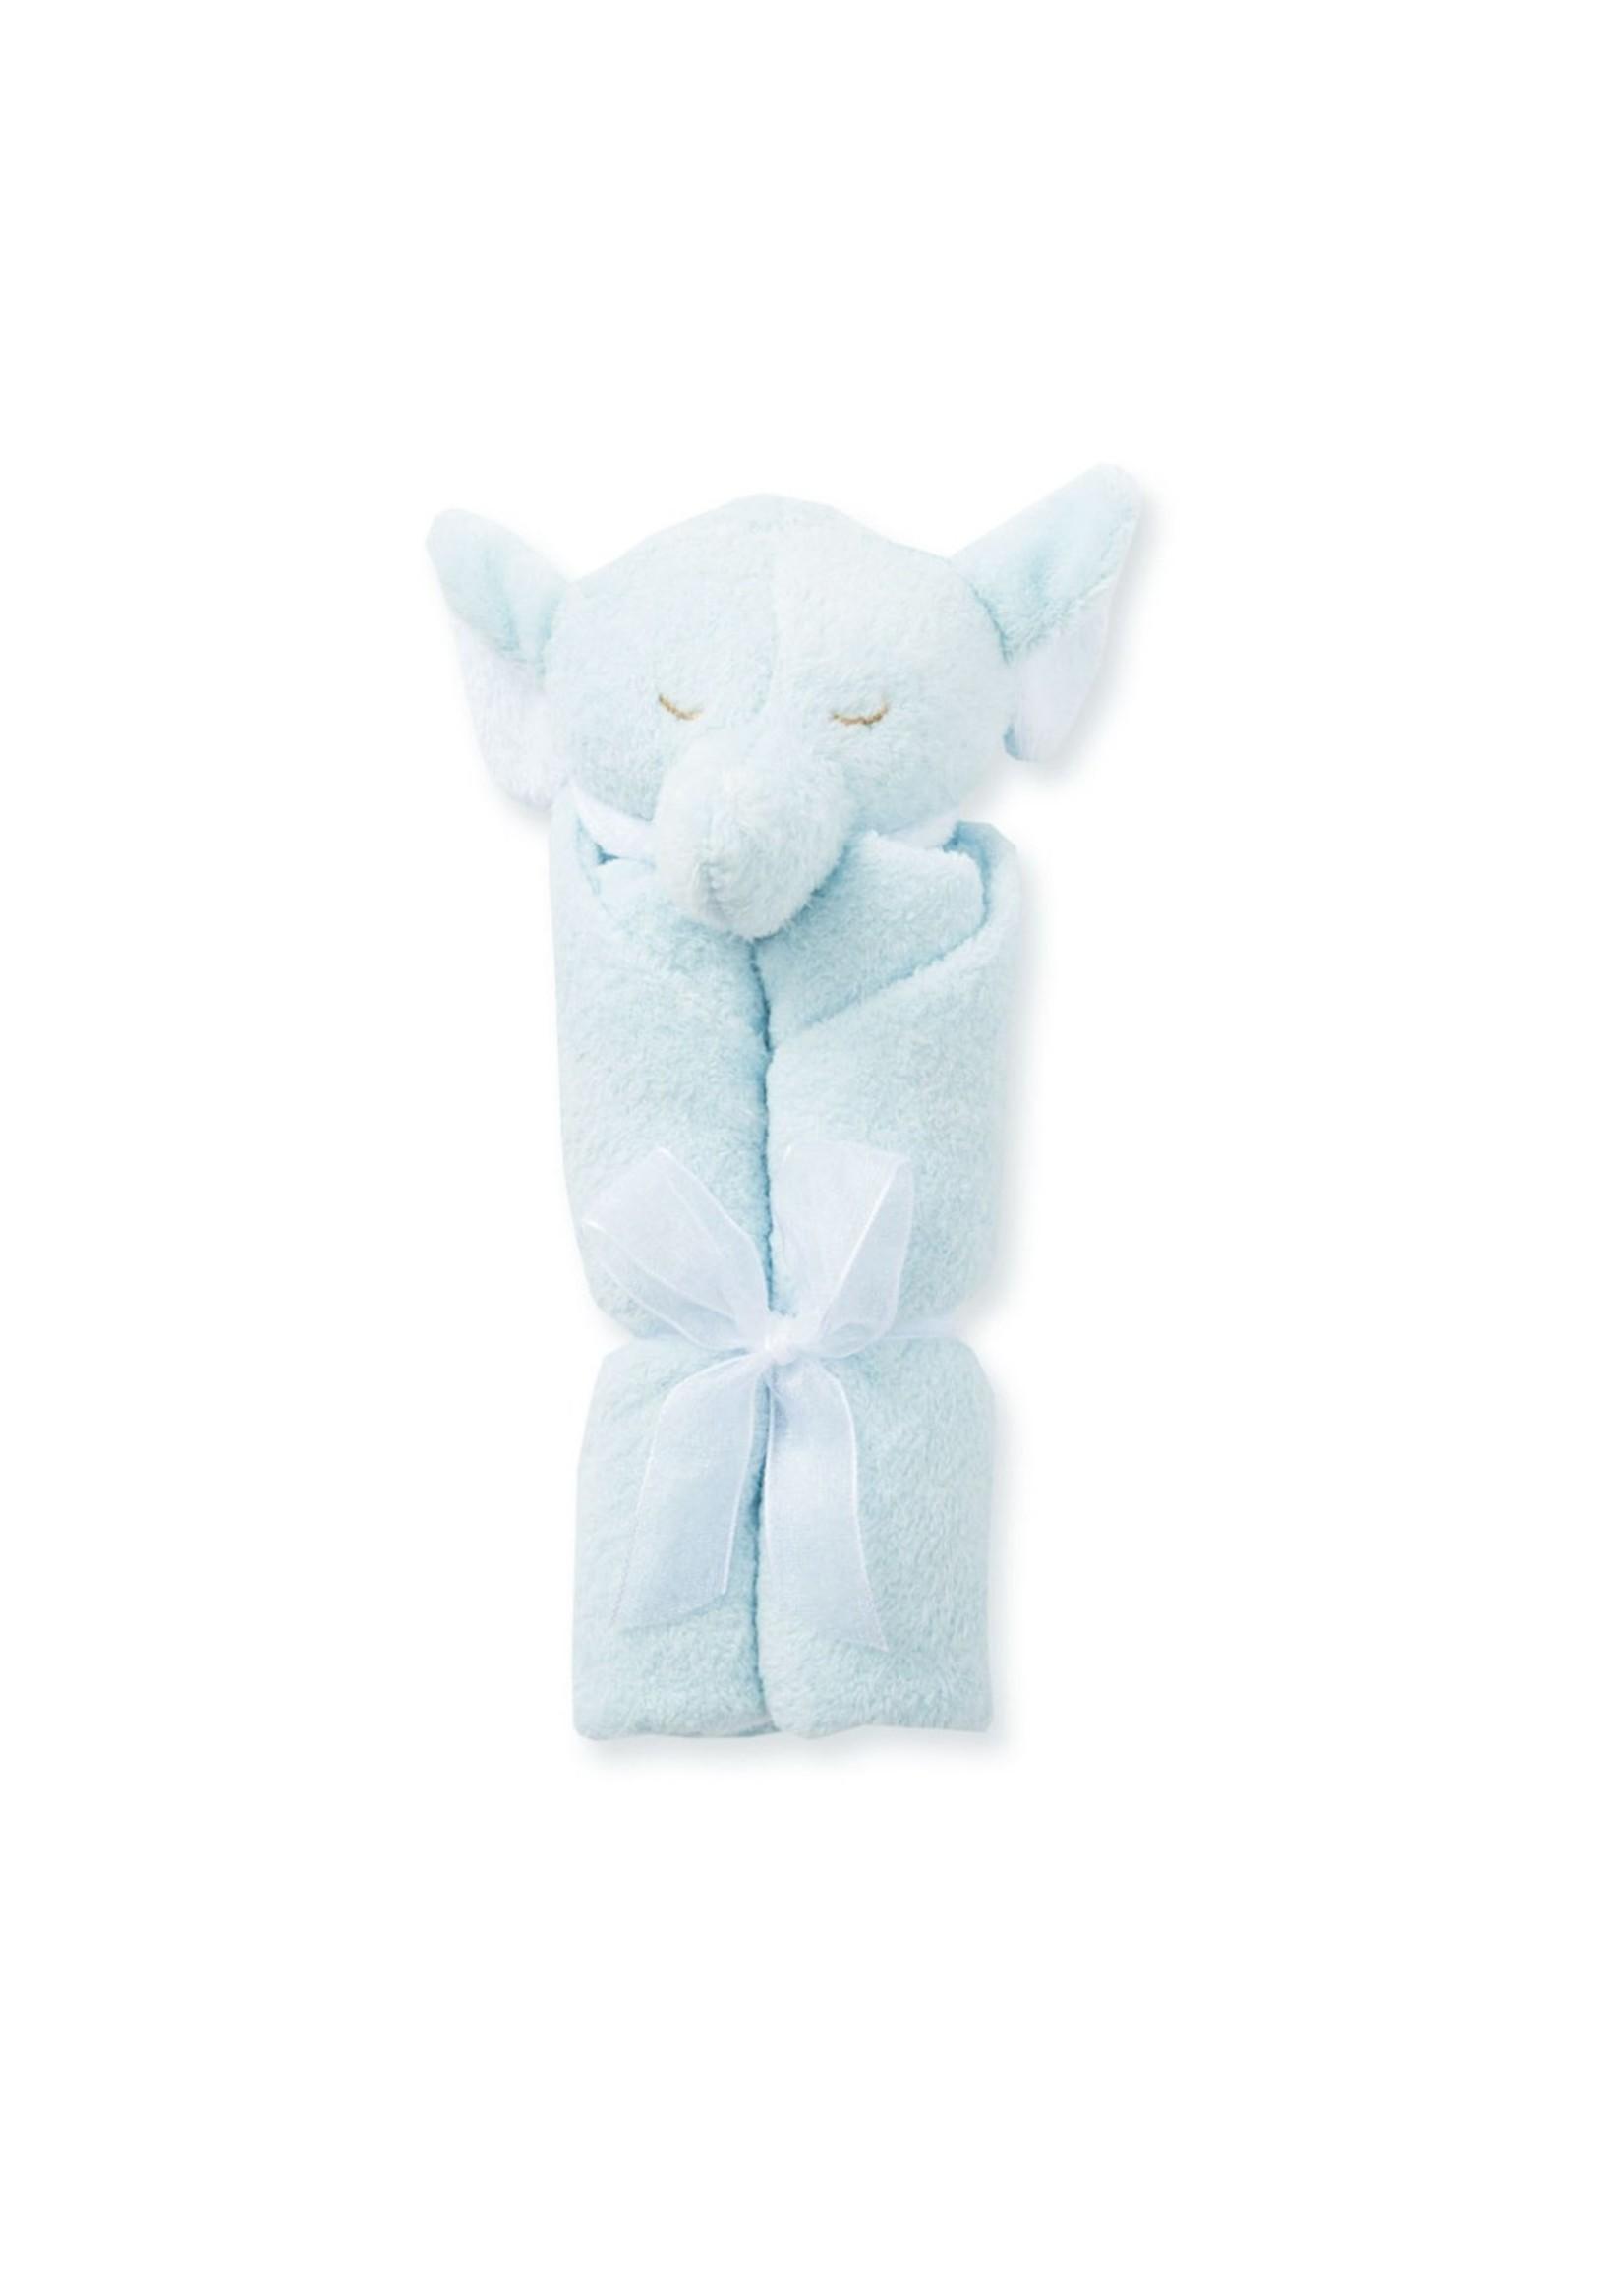 Angel Dear Angel Dear Blankie - Blue Elephant